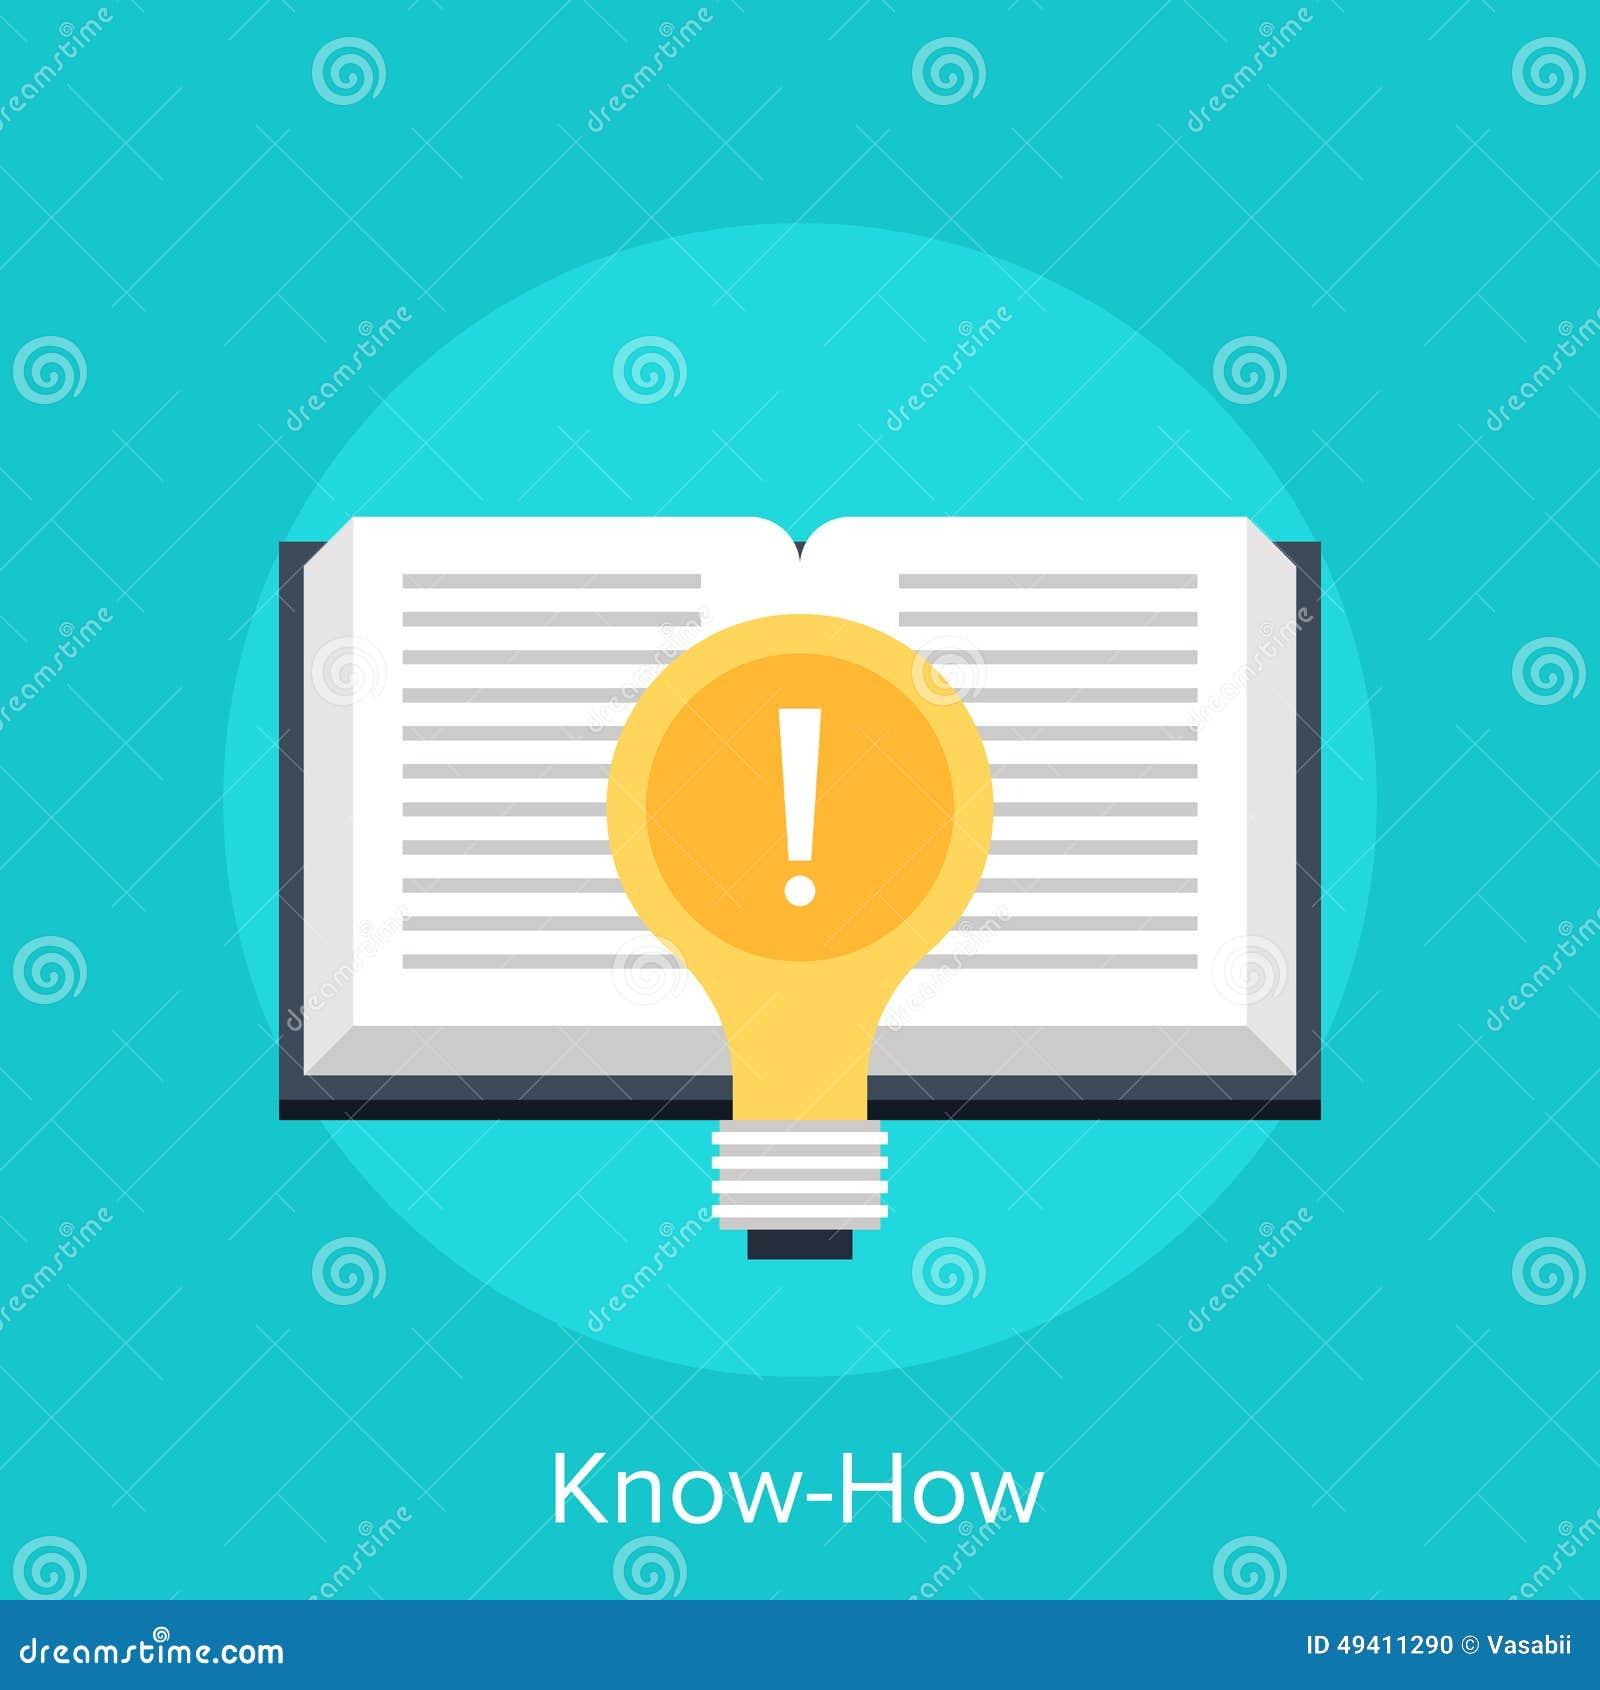 Download Know-how vektor abbildung. Illustration von netz, graphik - 49411290